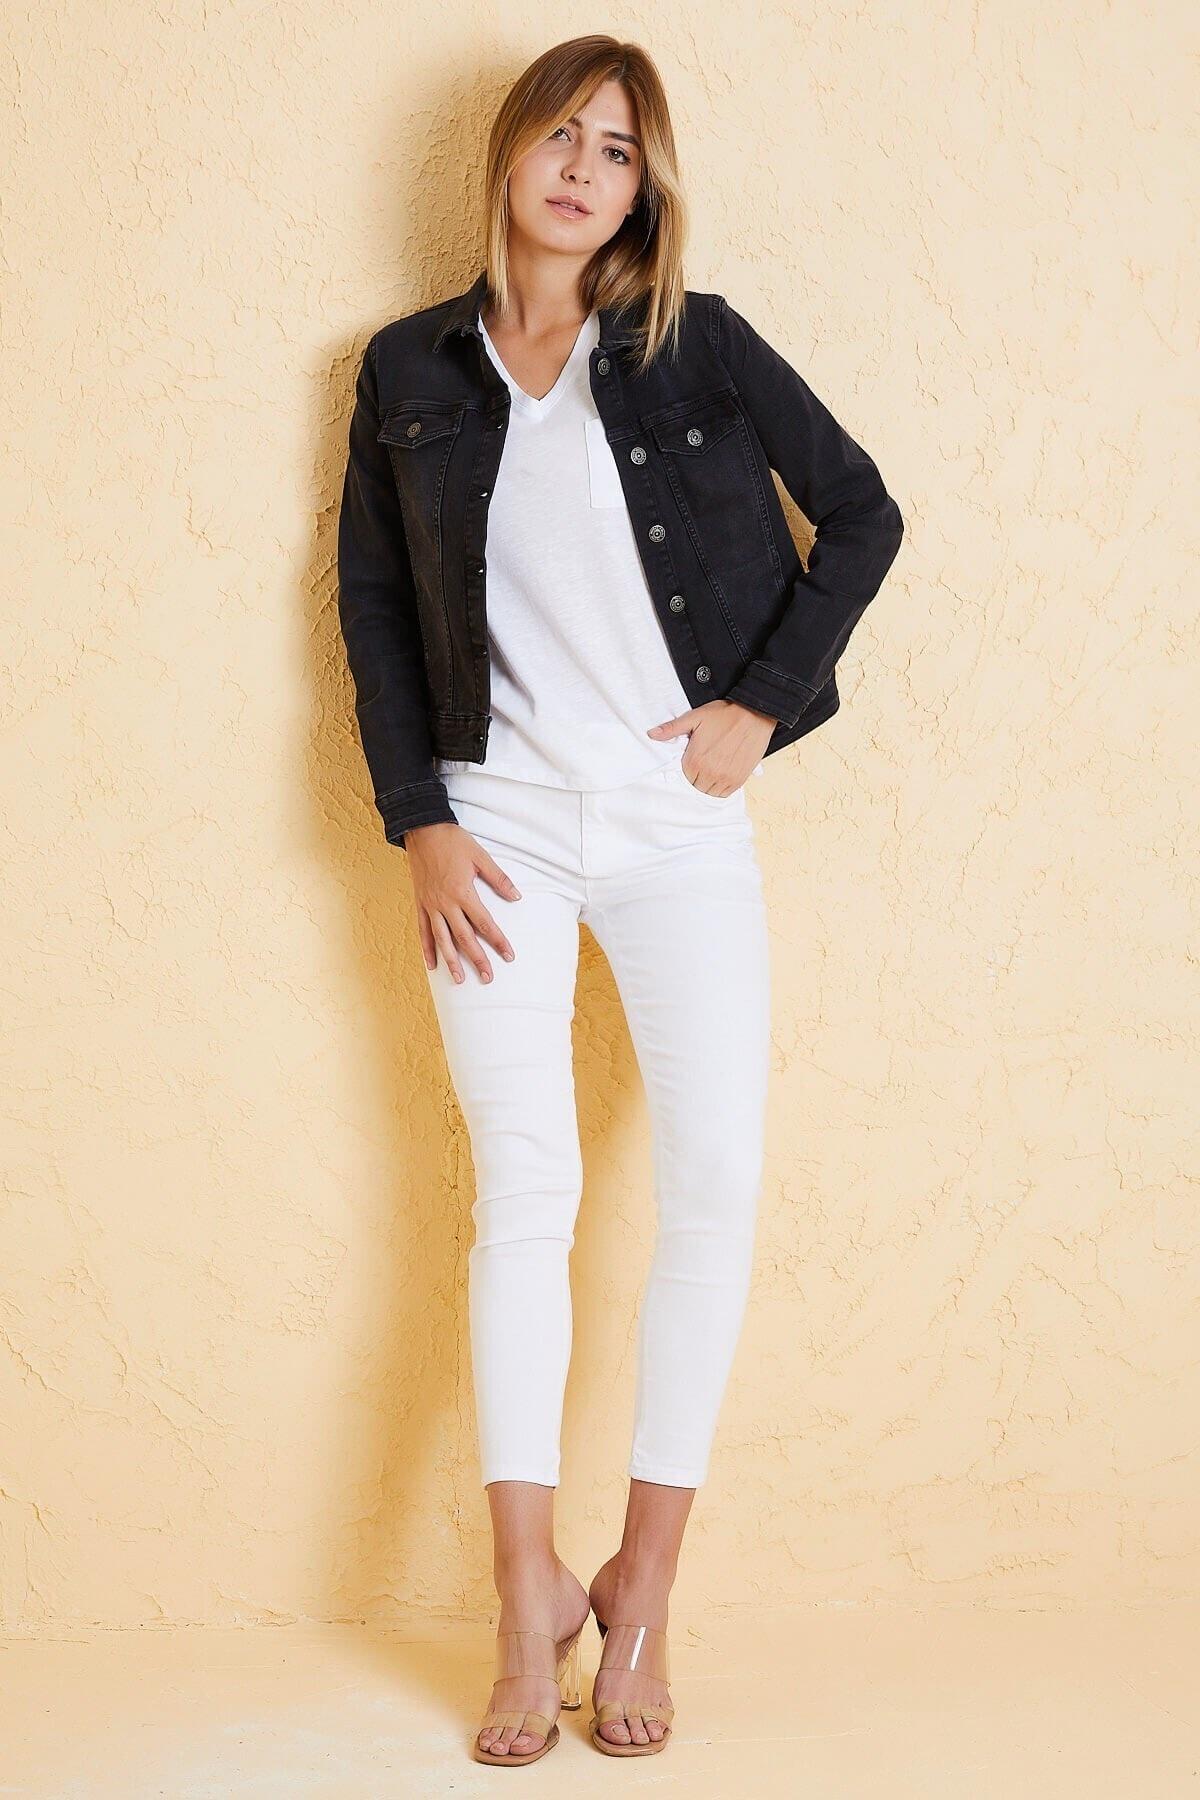 Twister Jeans Kadın Bm J05-03 Sıyah 2